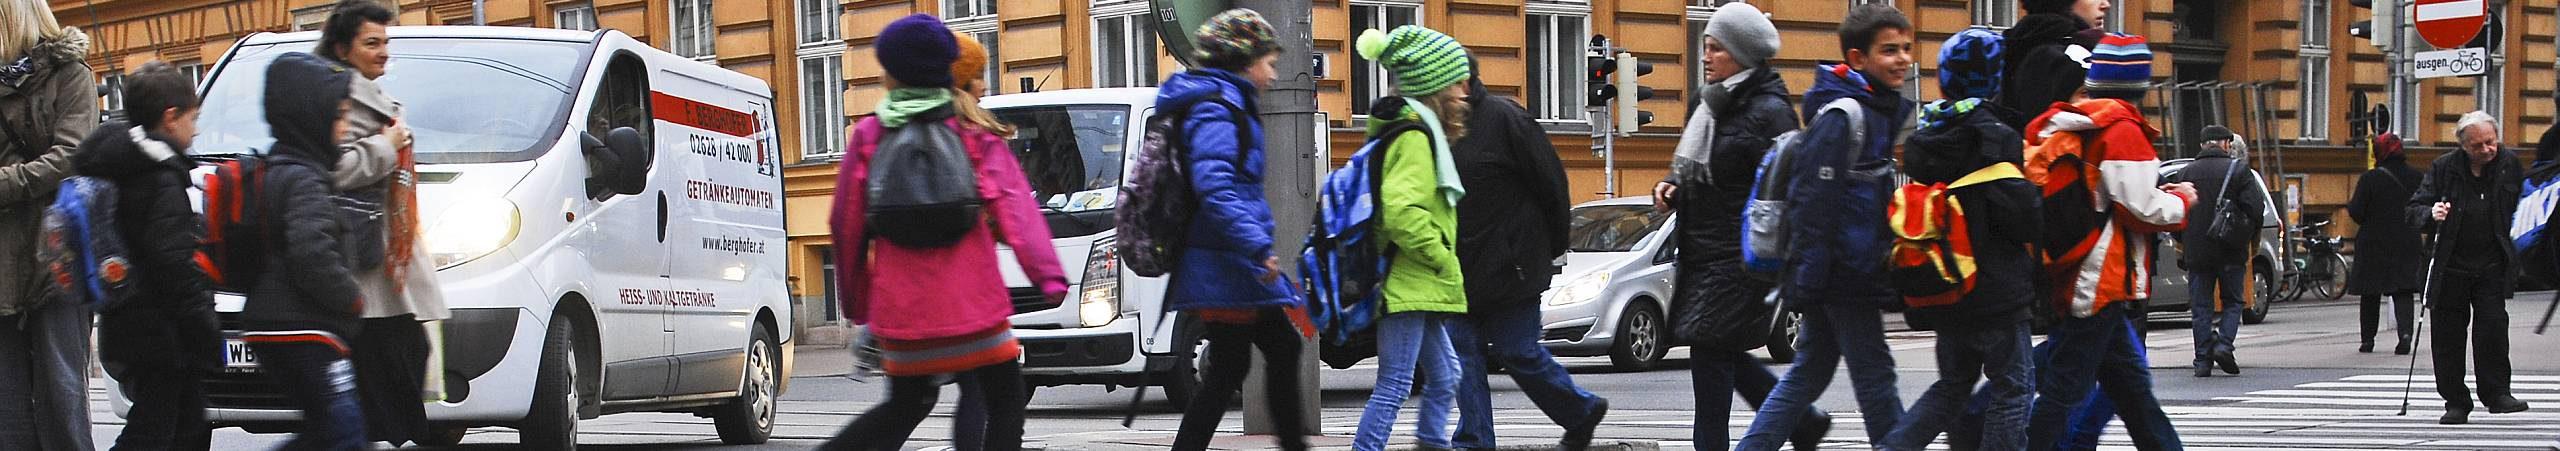 Eine Schulklasse überquert die Straße. Foto von Gerd Goetzenbrucker